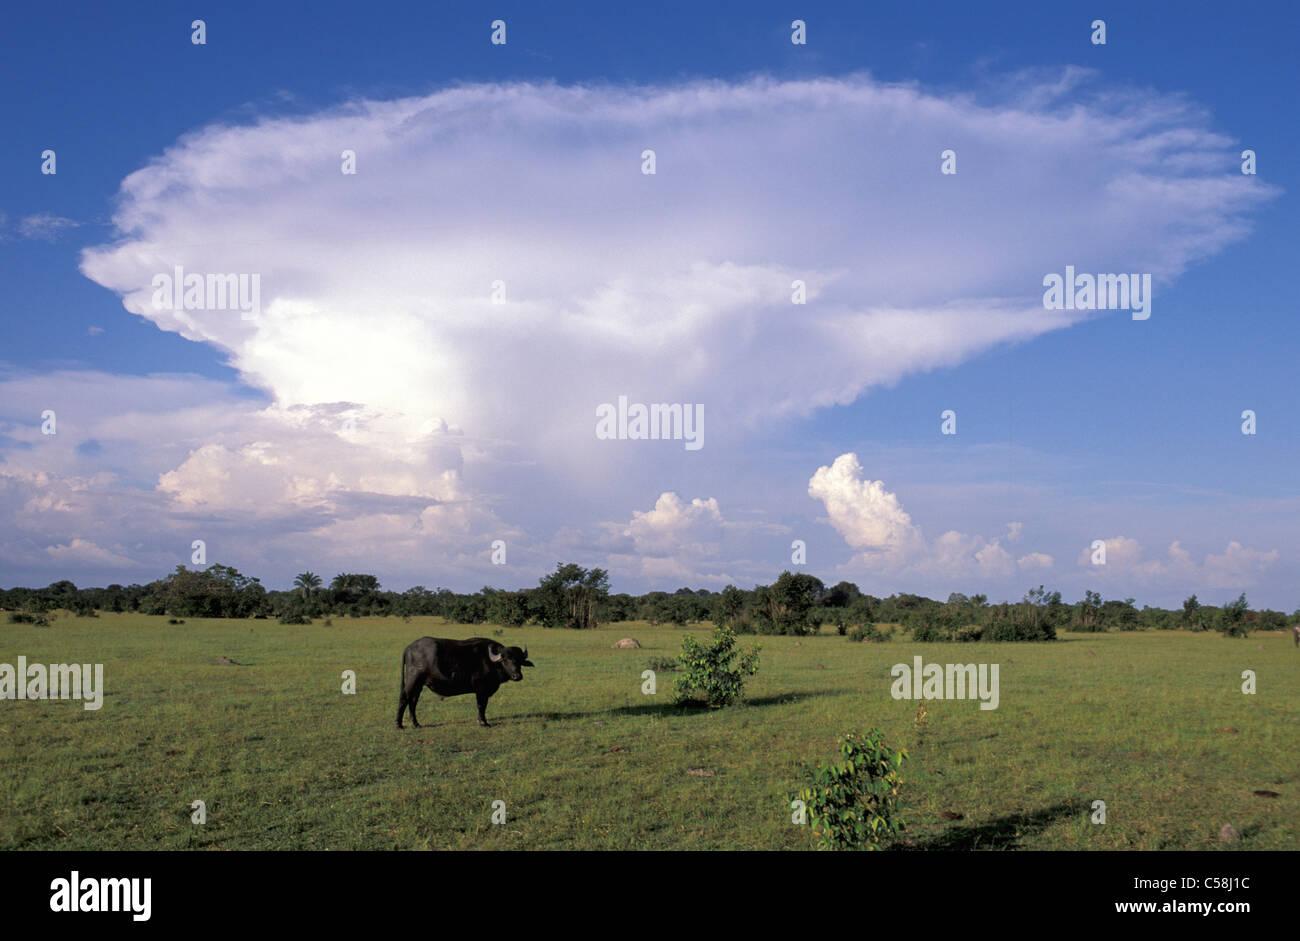 Fazenda, Bull, Ilha do Marajo, Amazon delta, Amazonie, Brésil, Amérique du Sud, de l'agriculture, animal Banque D'Images